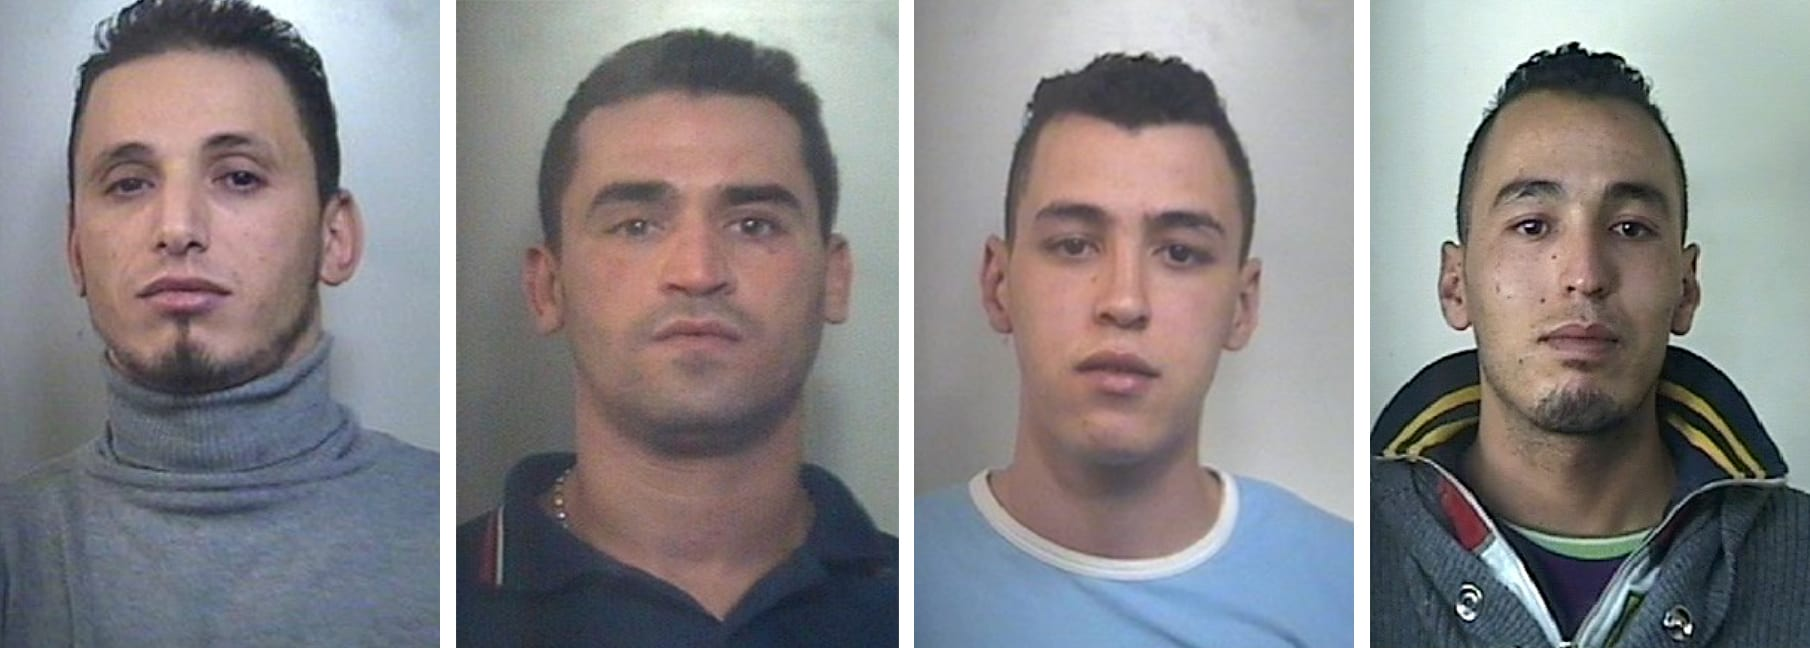 Gli arrestati per spaccio, da sx: Hakim Rachek, Zakaria El Haiba, Mostafa e Zakaria Kamal El Idrissi